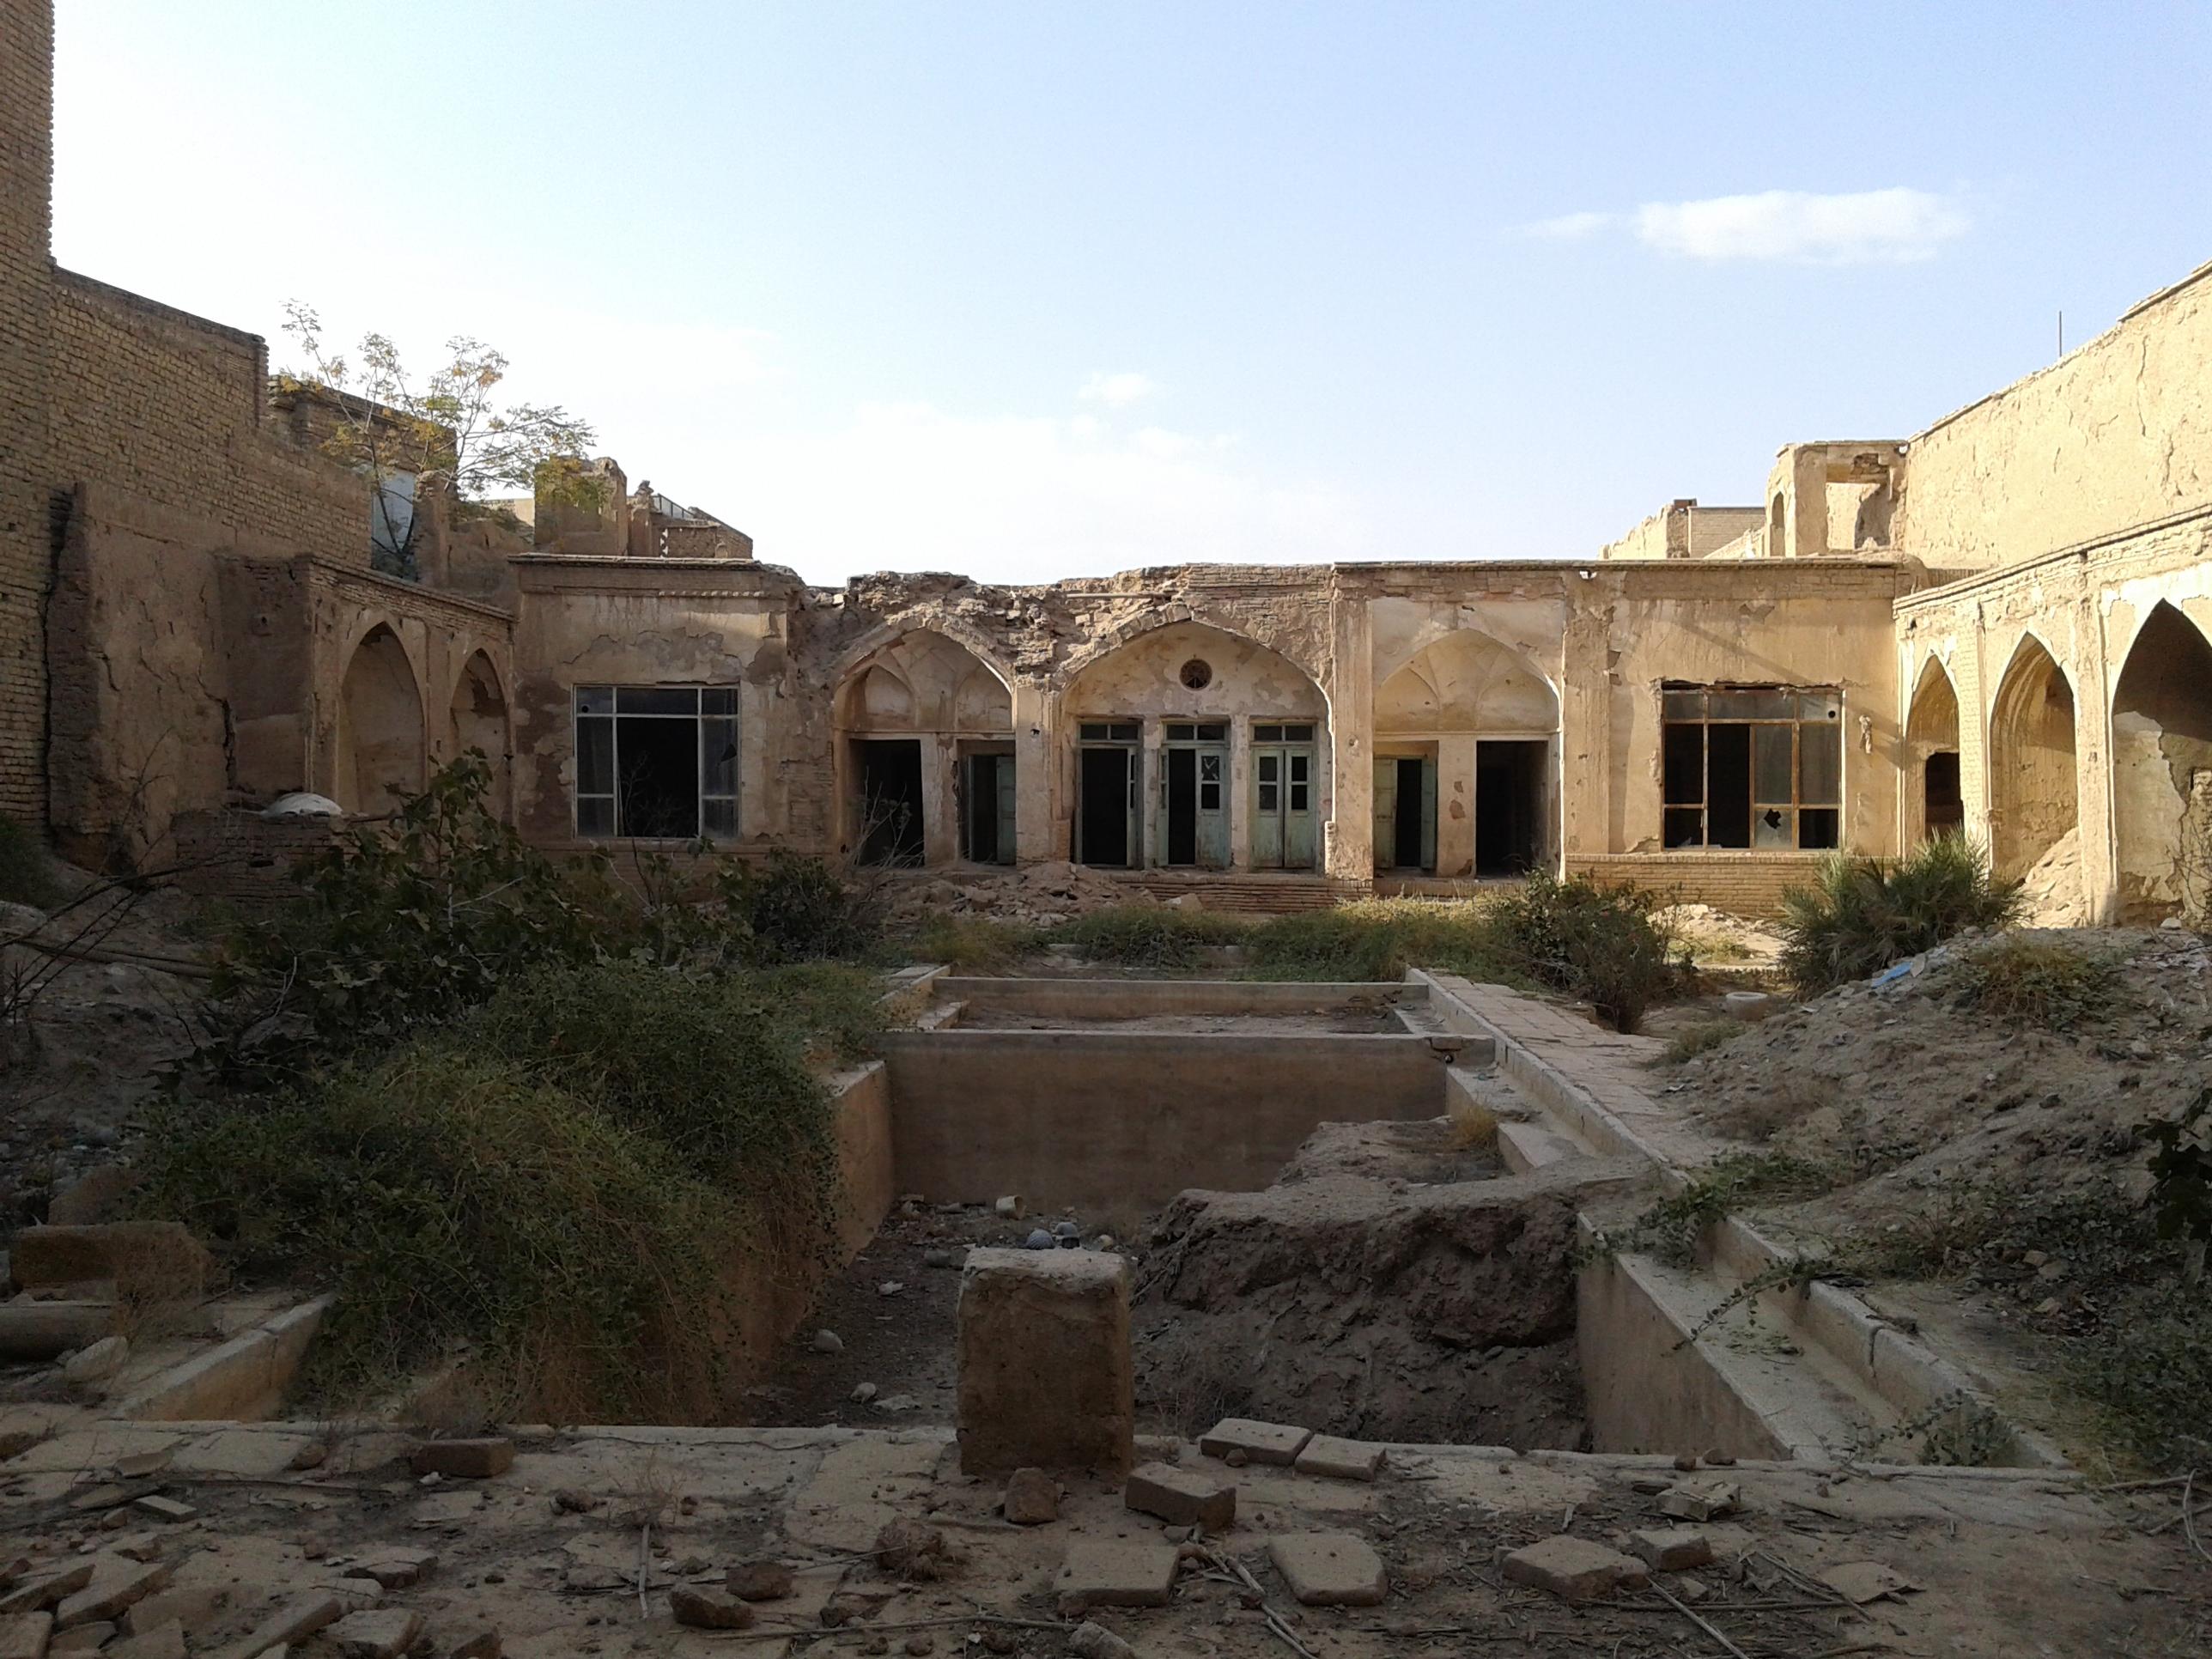 پروژه مرمت خانه تاریخی بافنده کاشان(پروژه مرمت ابنیه)